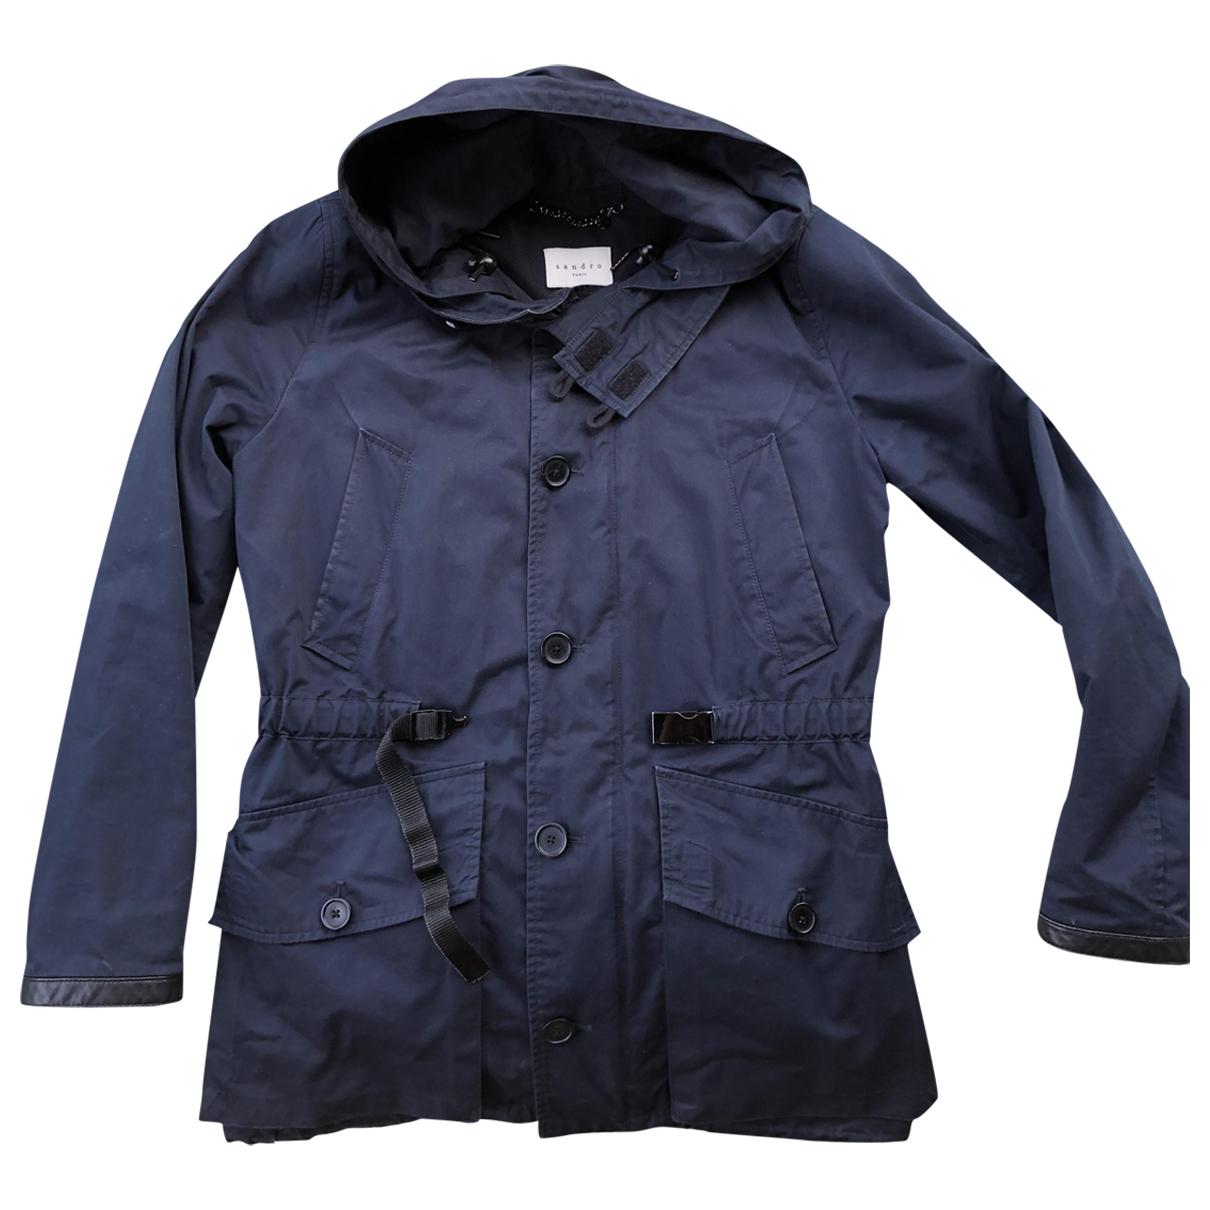 Sandro - Manteau   pour homme - bleu